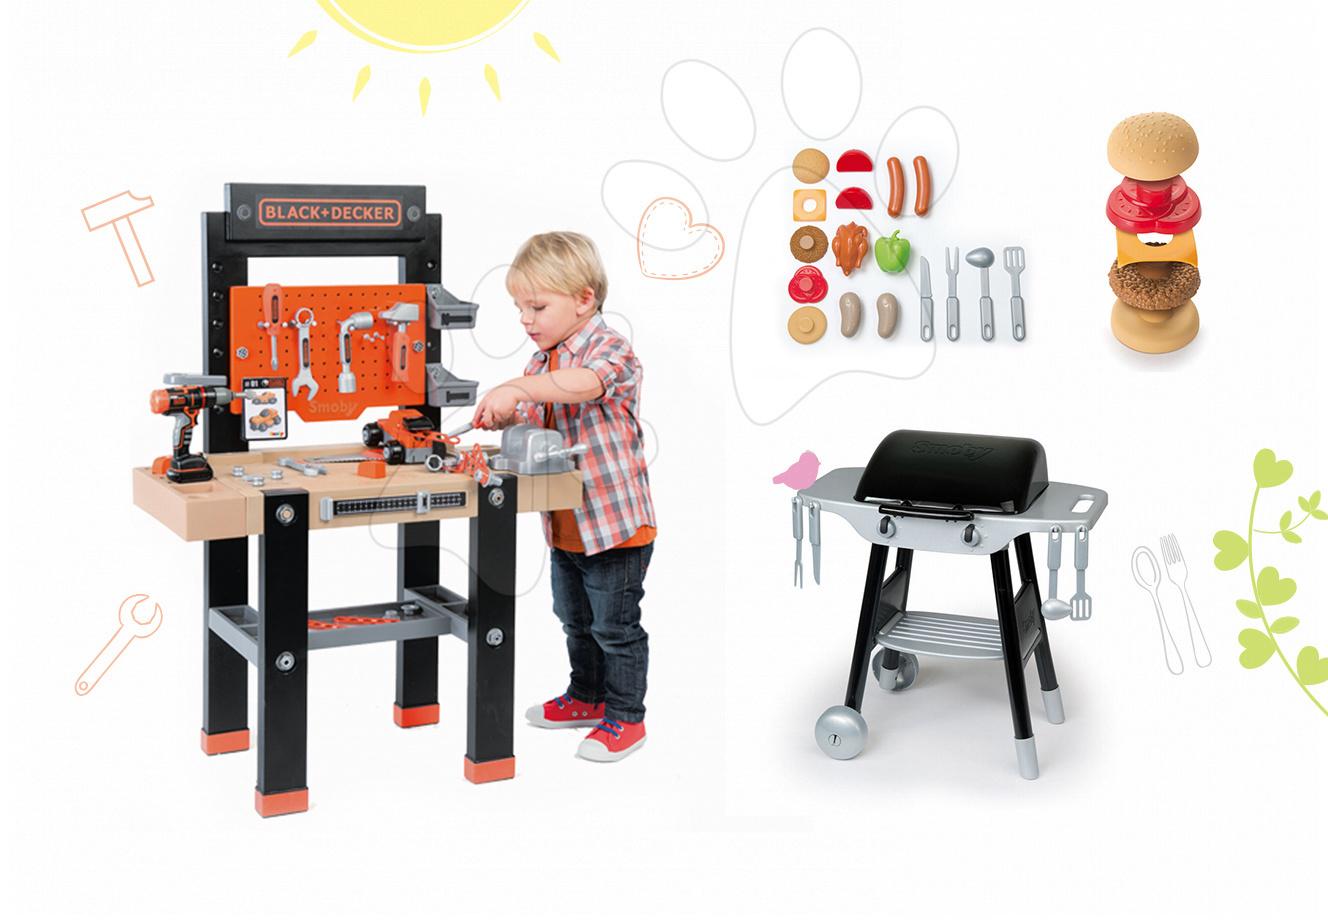 Smoby pracovná dielňa pre deti Black+Decker a kuchynka Barbecue Grill 360701-14